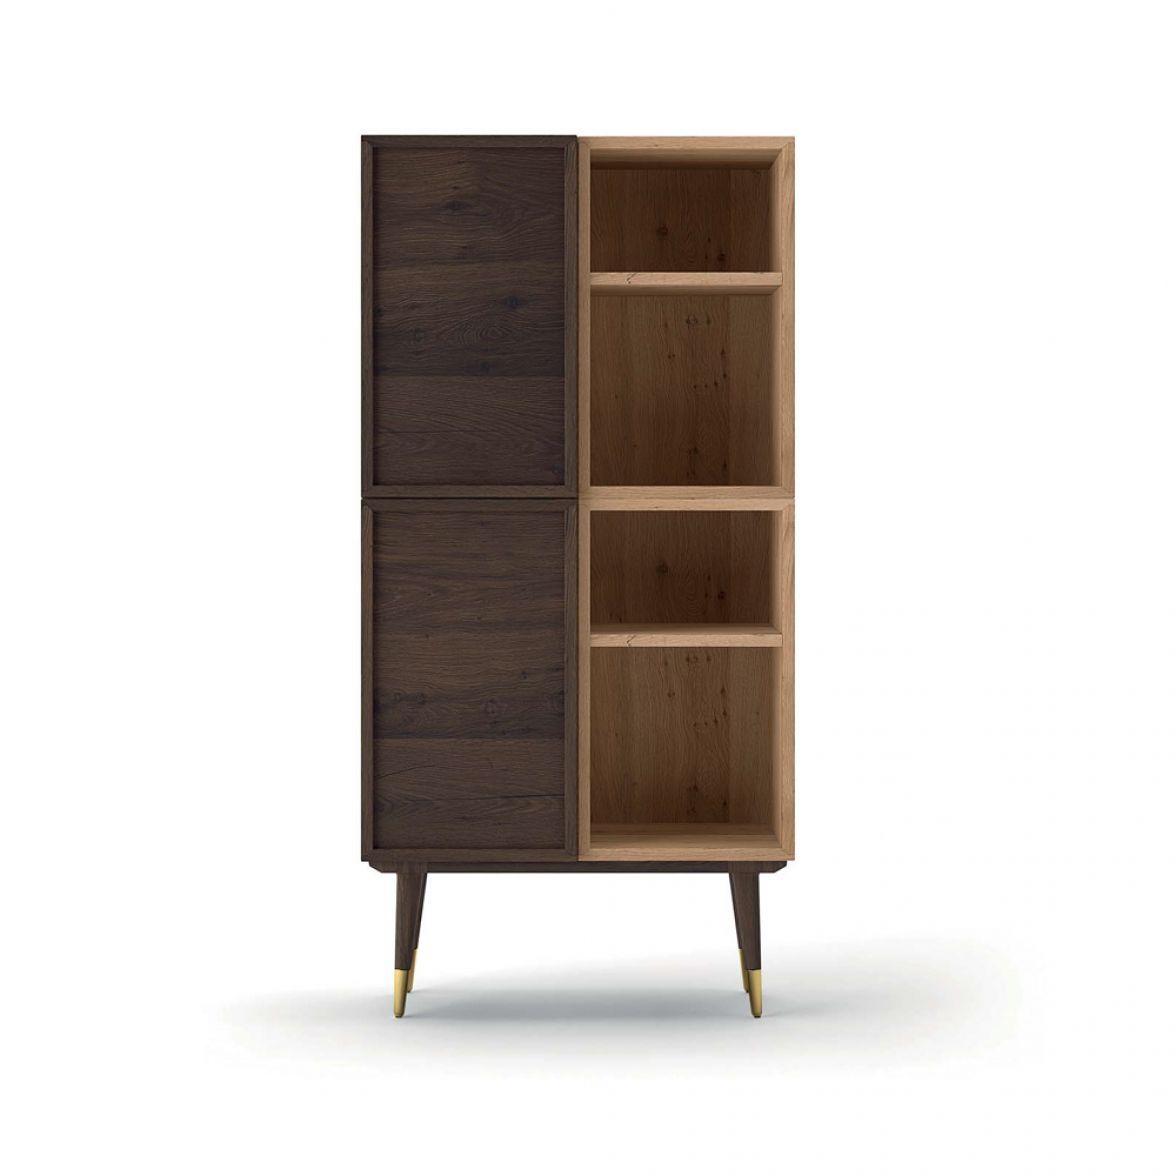 Coco bookcase